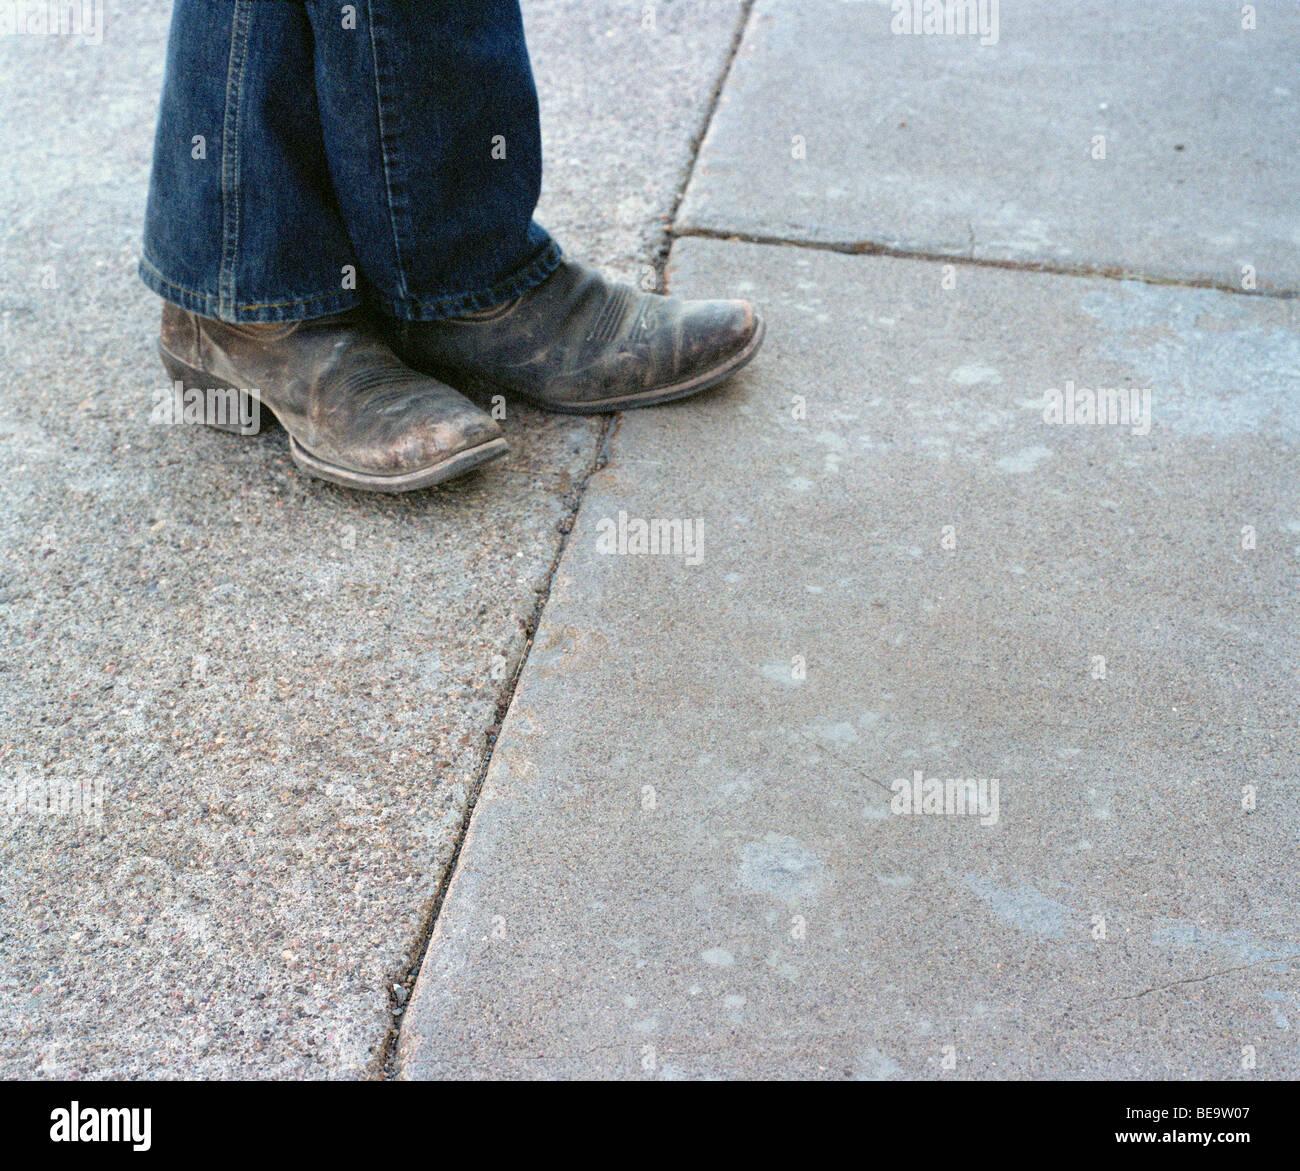 Nahaufnahme von verwitterten Cowboy-Stiefel und jeans Stockbild